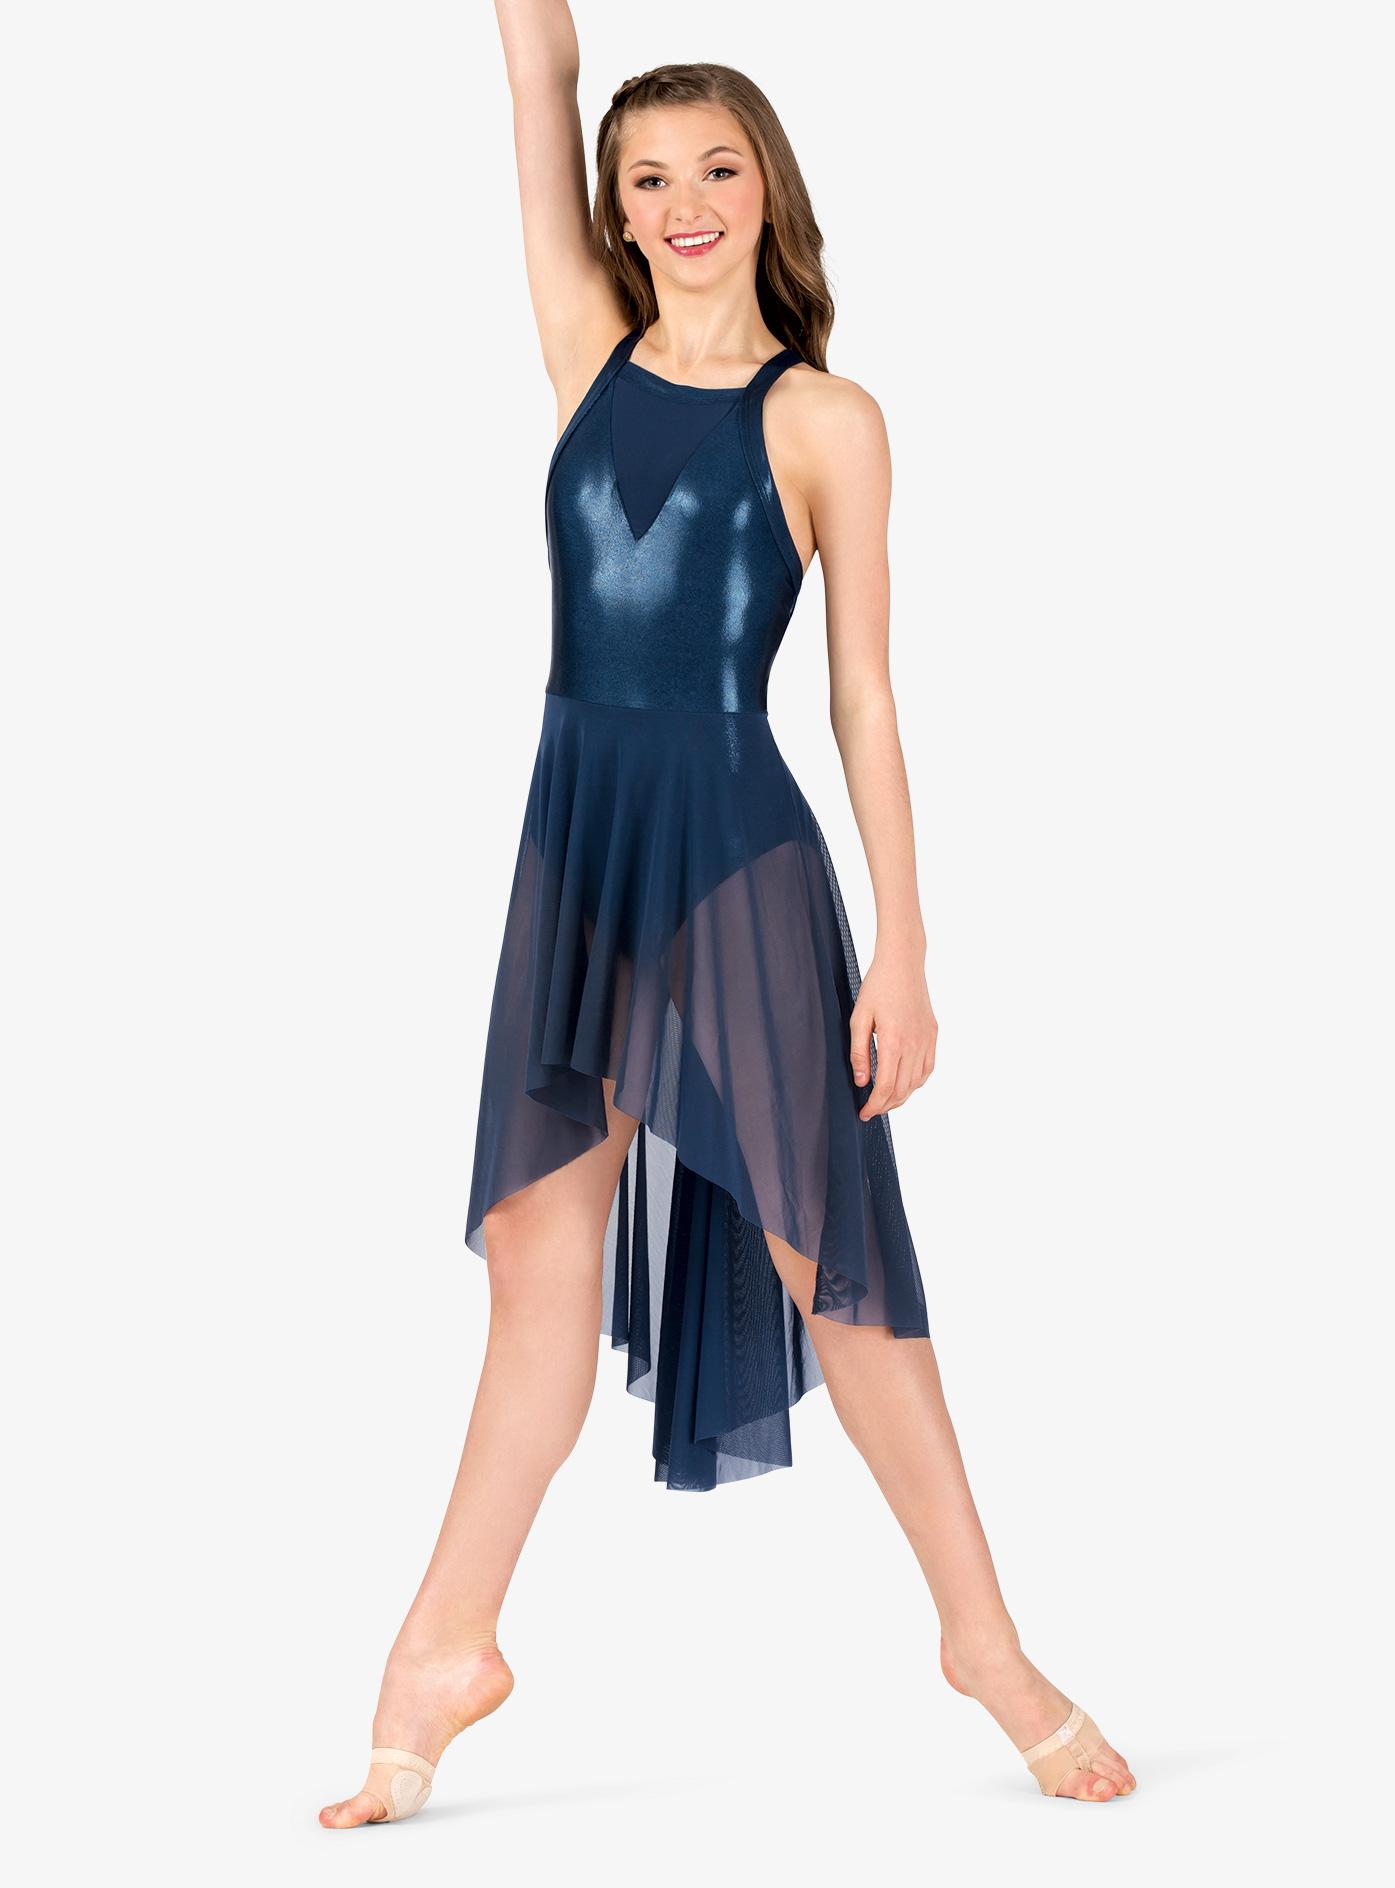 Ingenue Womens Performance Mesh Front Metallic X-Back Dress ING162